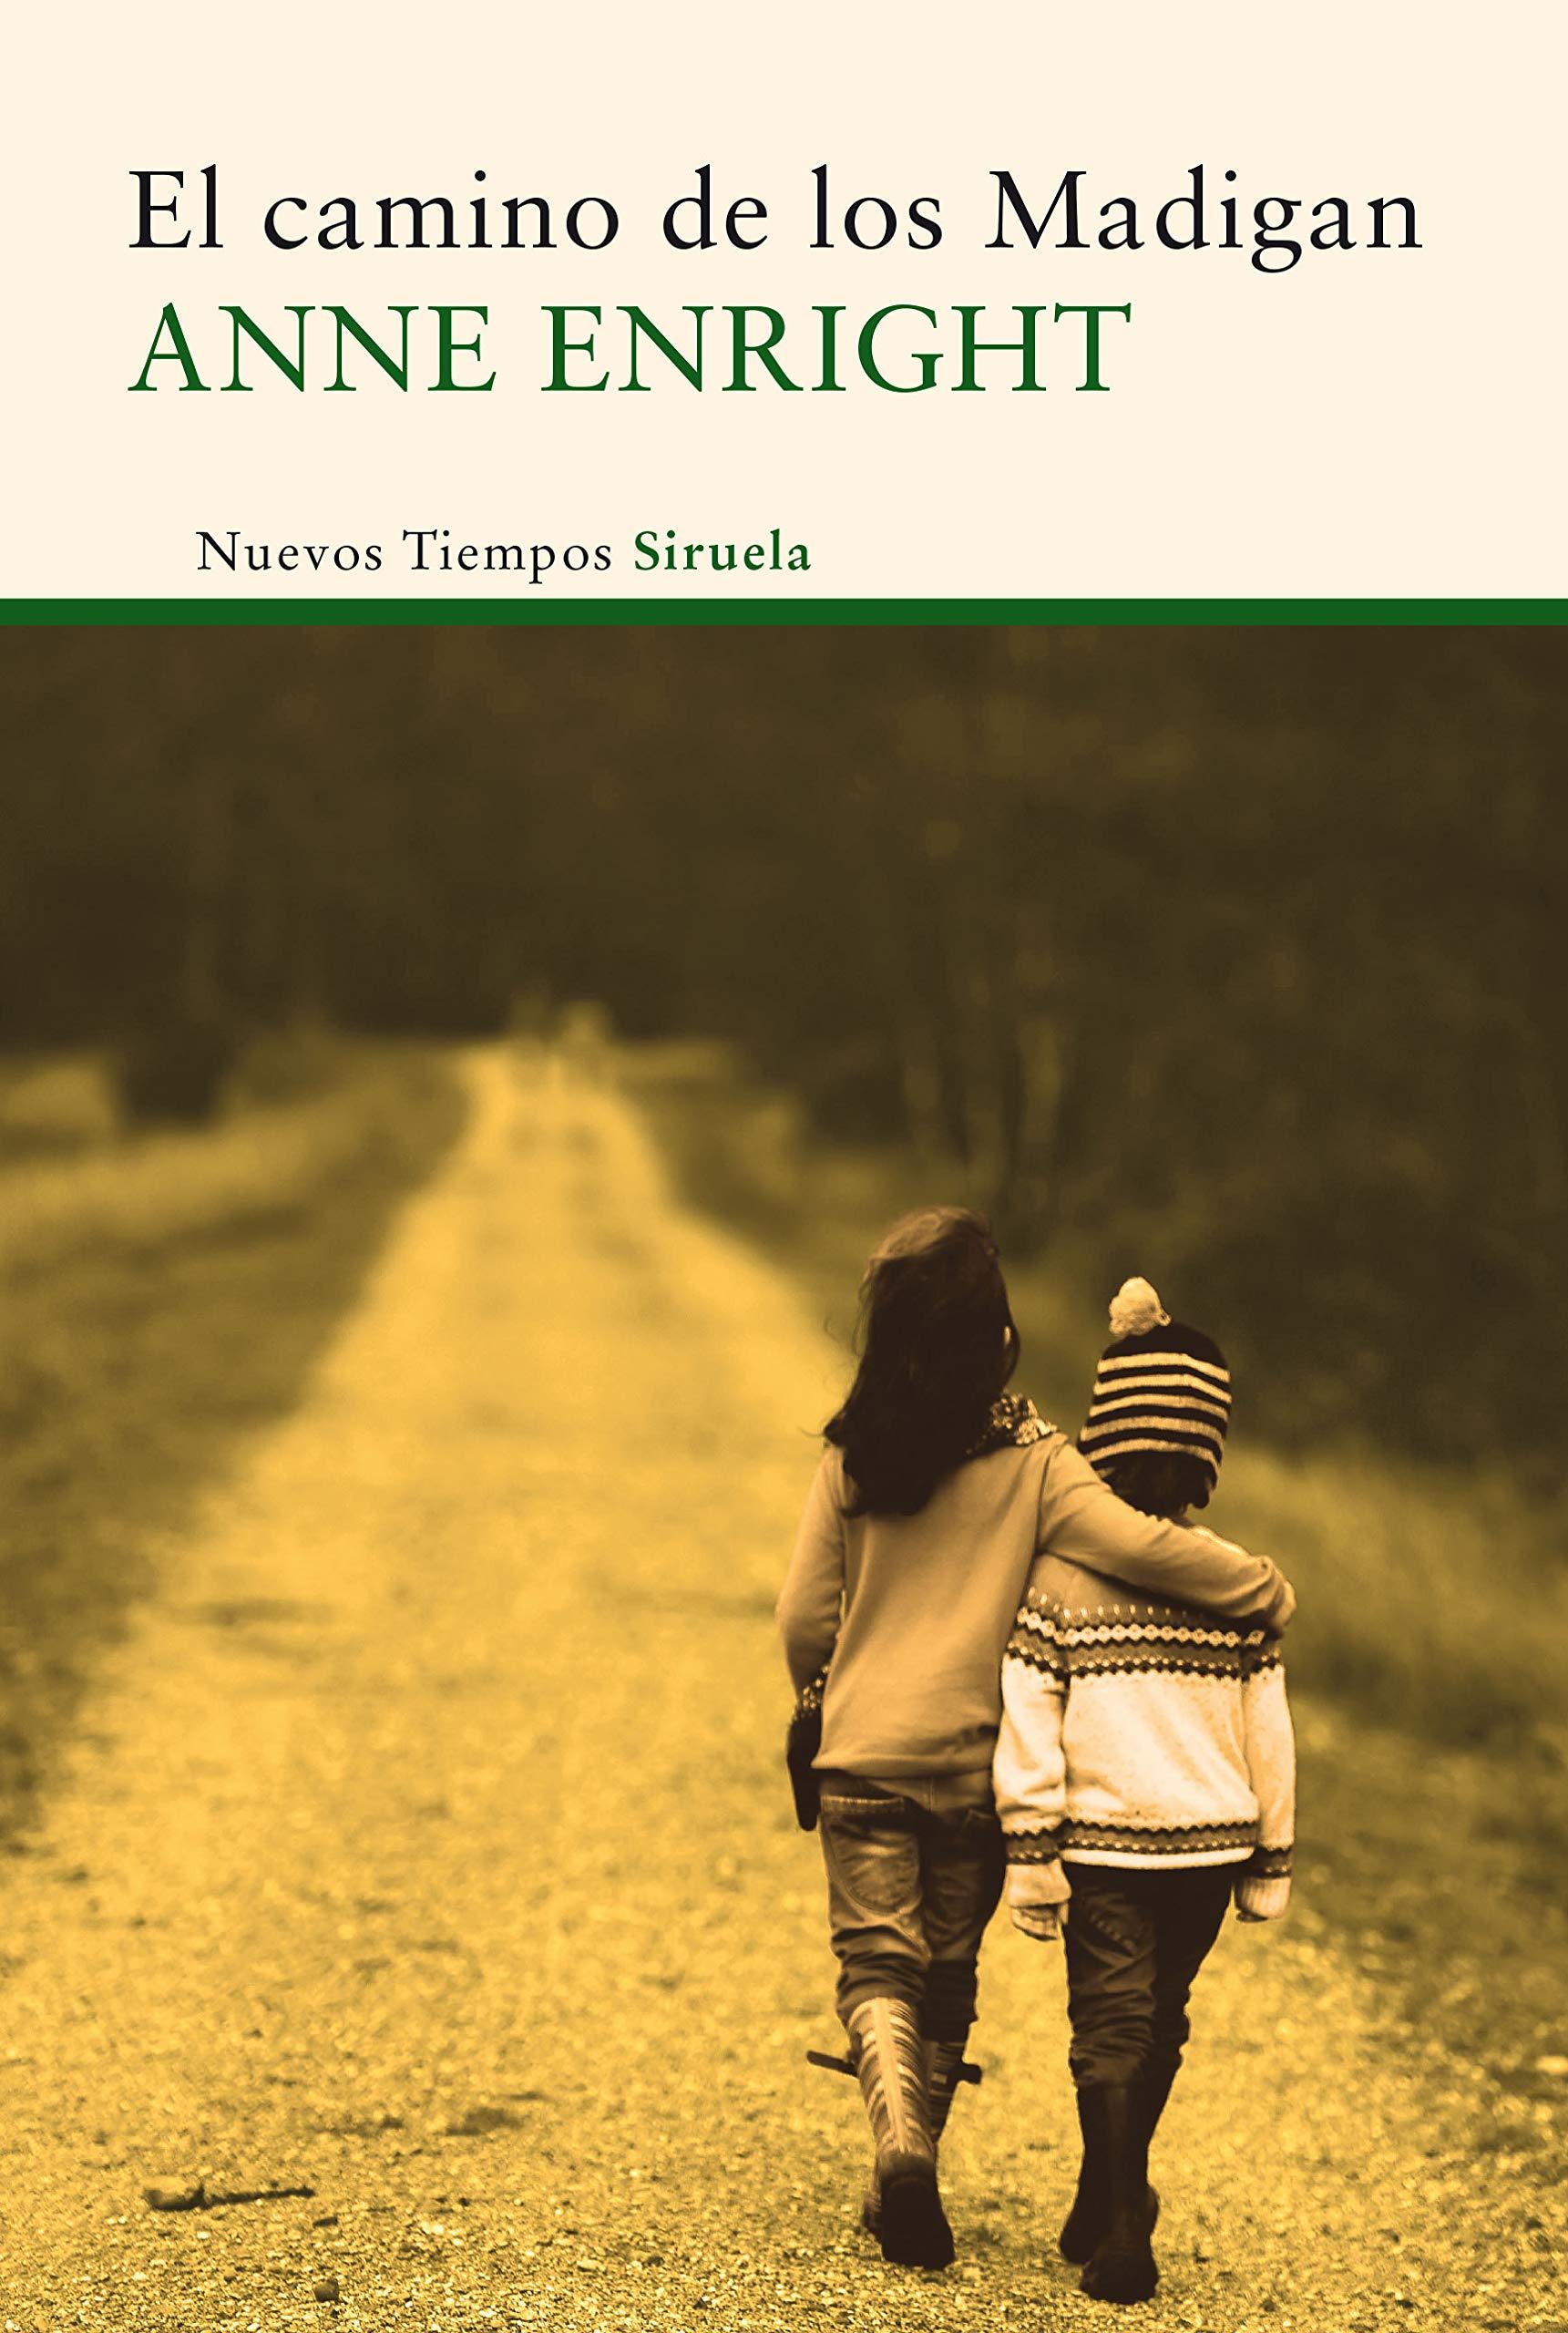 El camino de los Madigan: 341 (Nuevos Tiempos): Amazon.es: Enright, Anne, Porras Sánchez, María: Libros